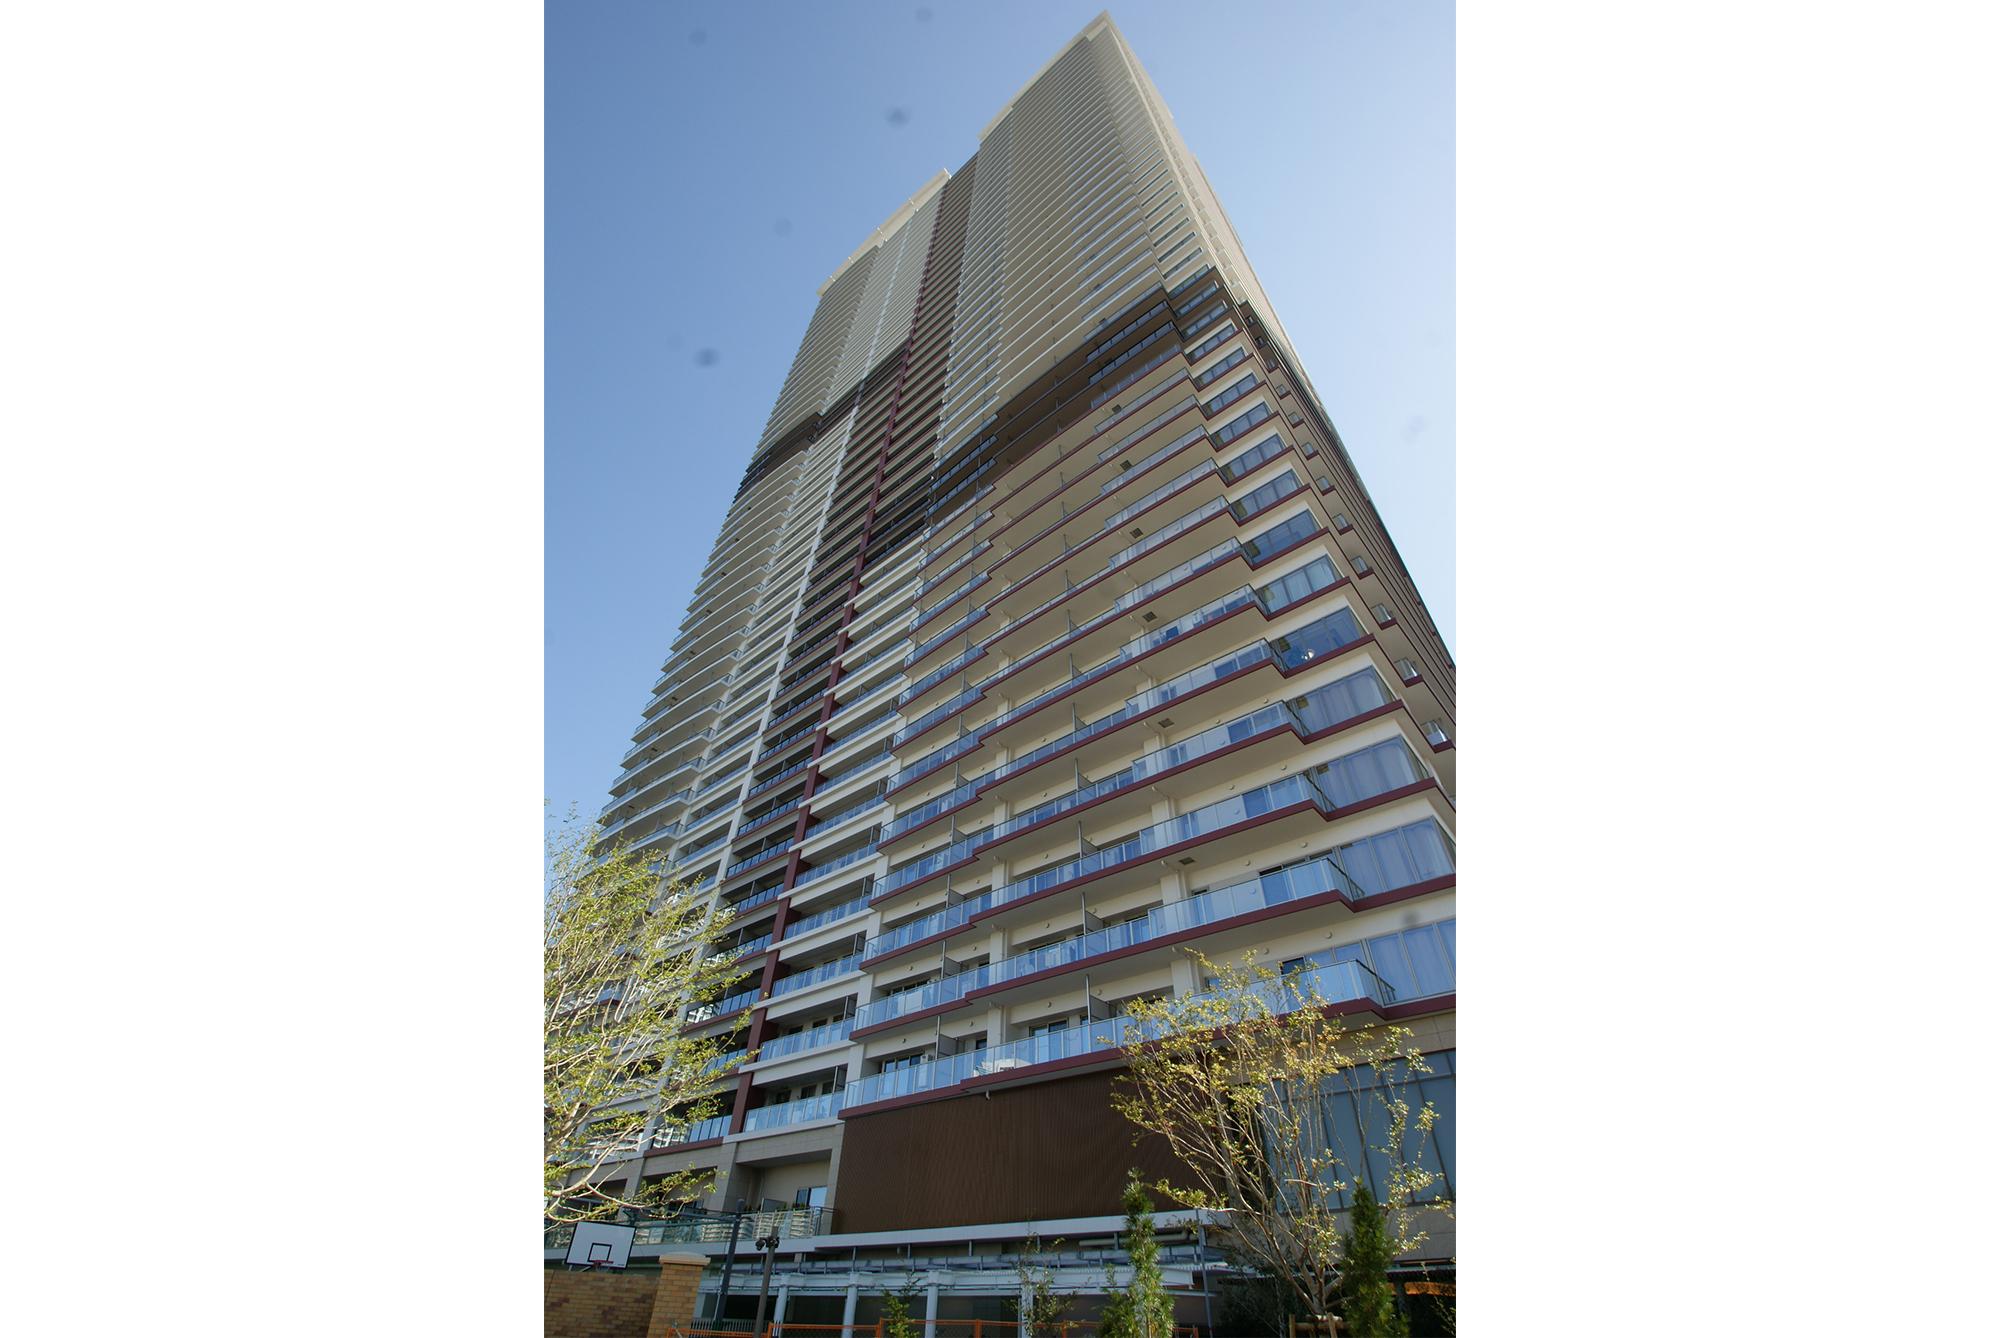 パークタワー晴海6階の写真2